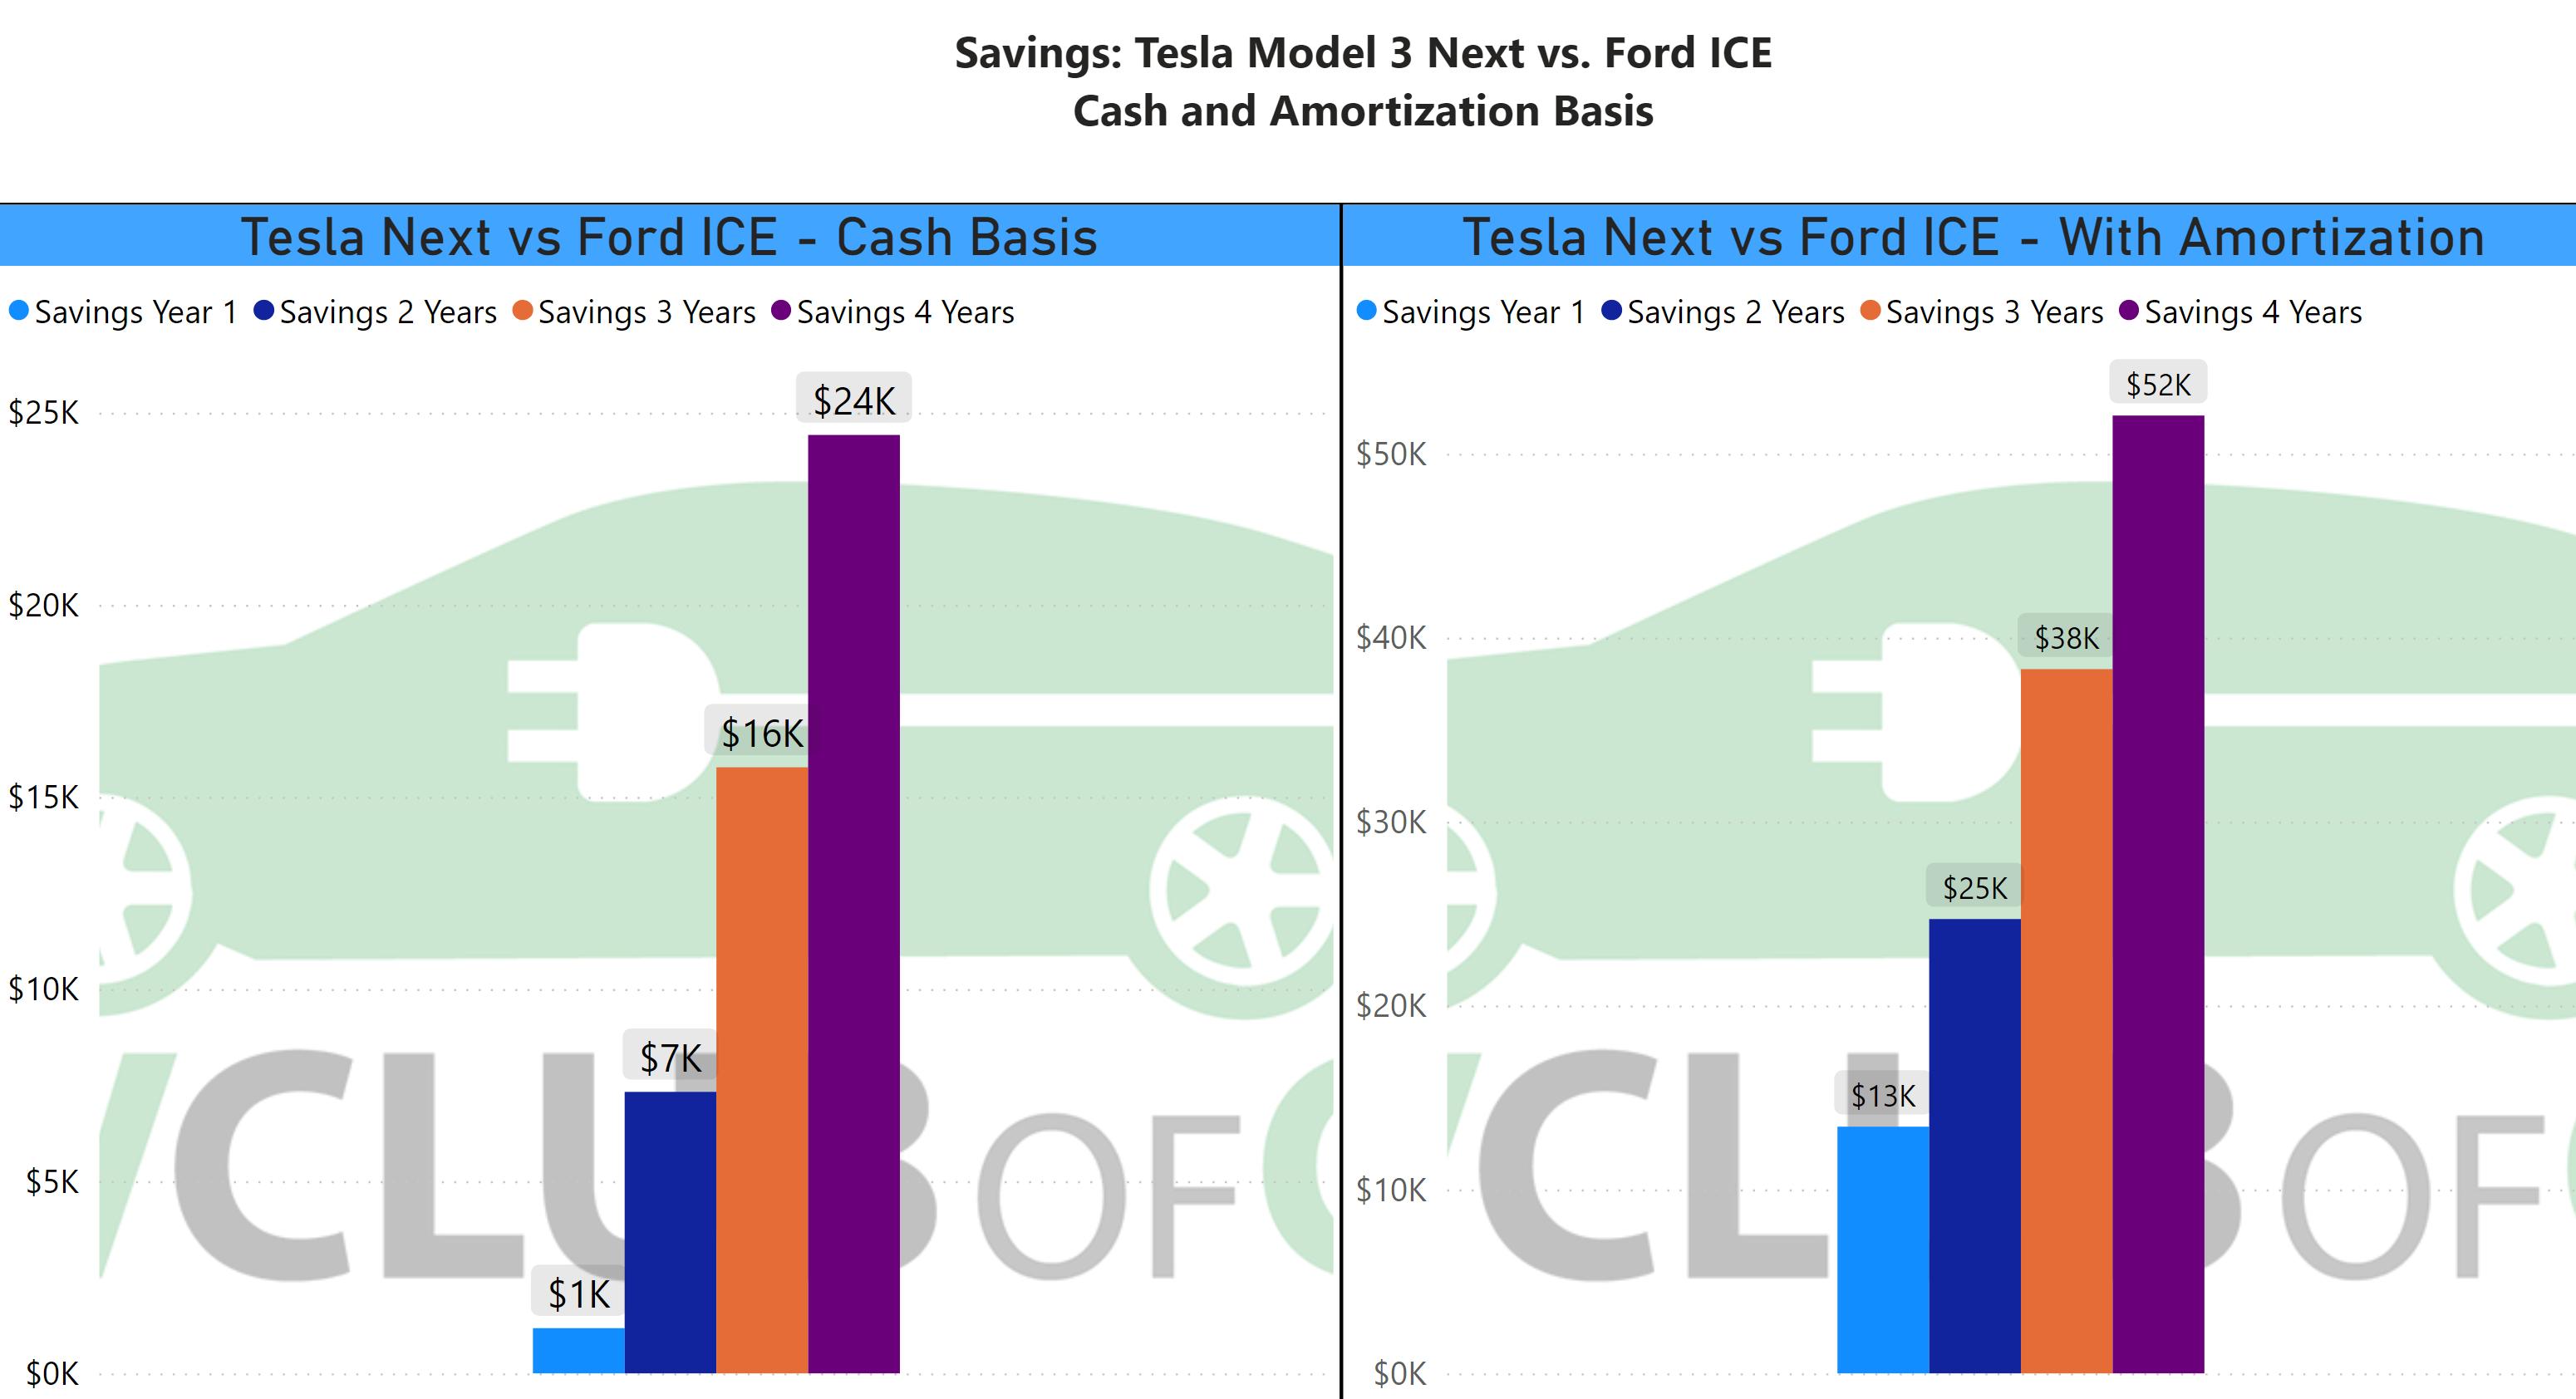 Next vs ICE Savings